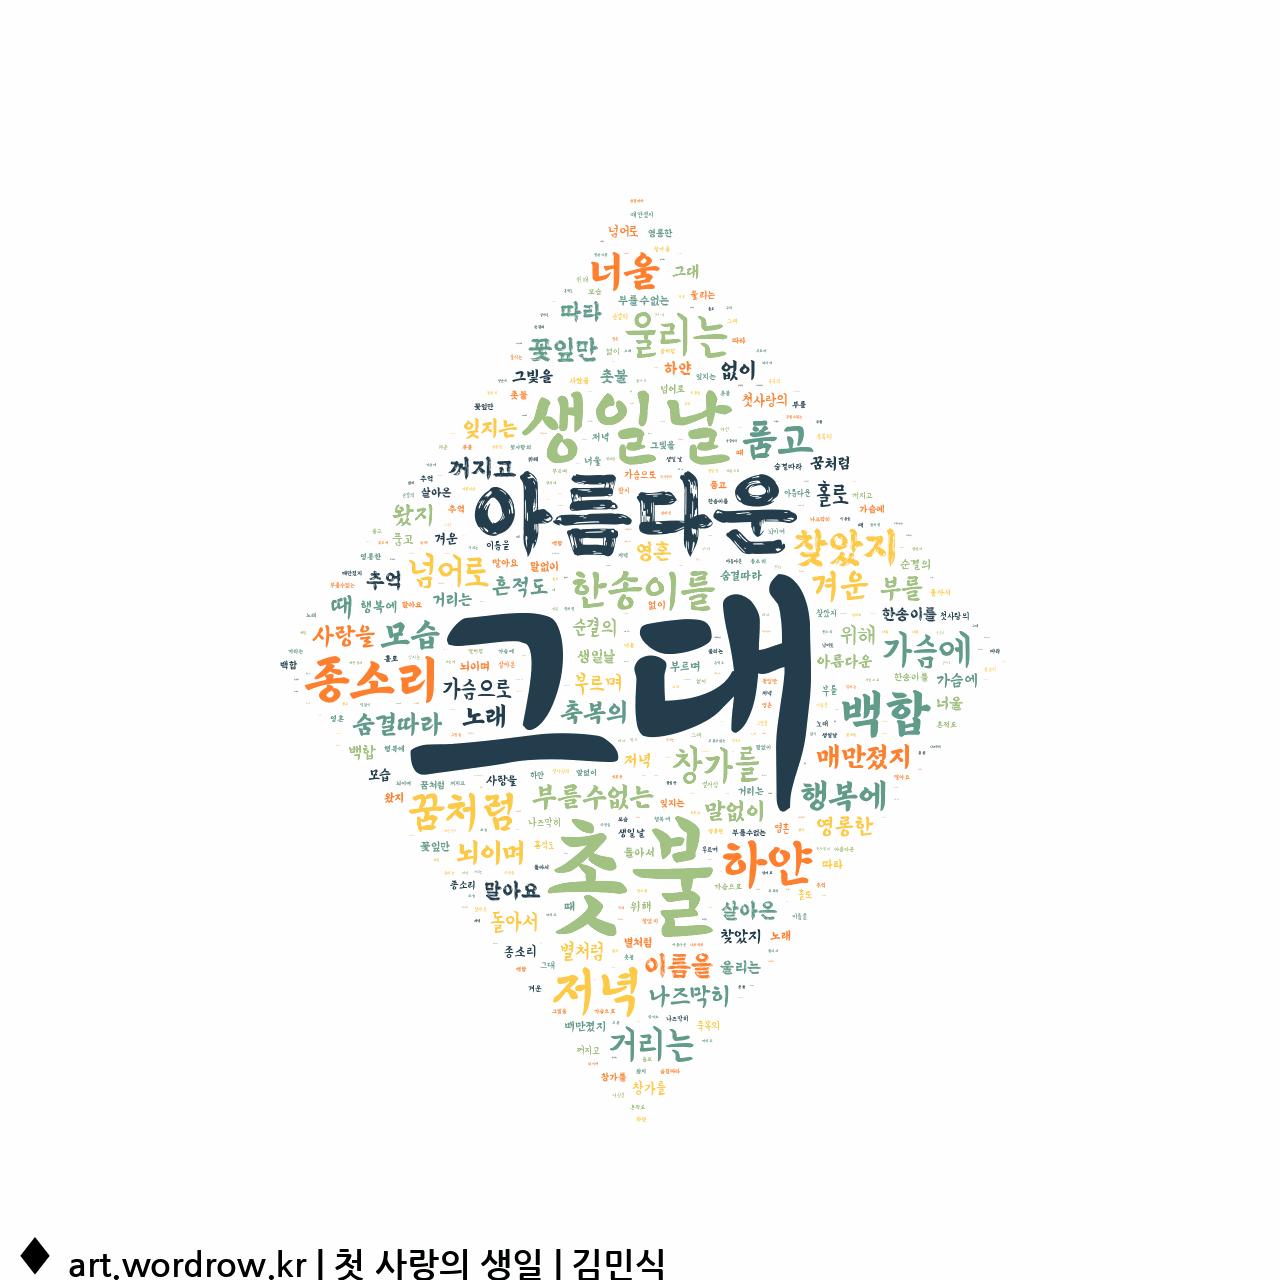 워드 아트: 첫 사랑의 생일 [김민식]-73